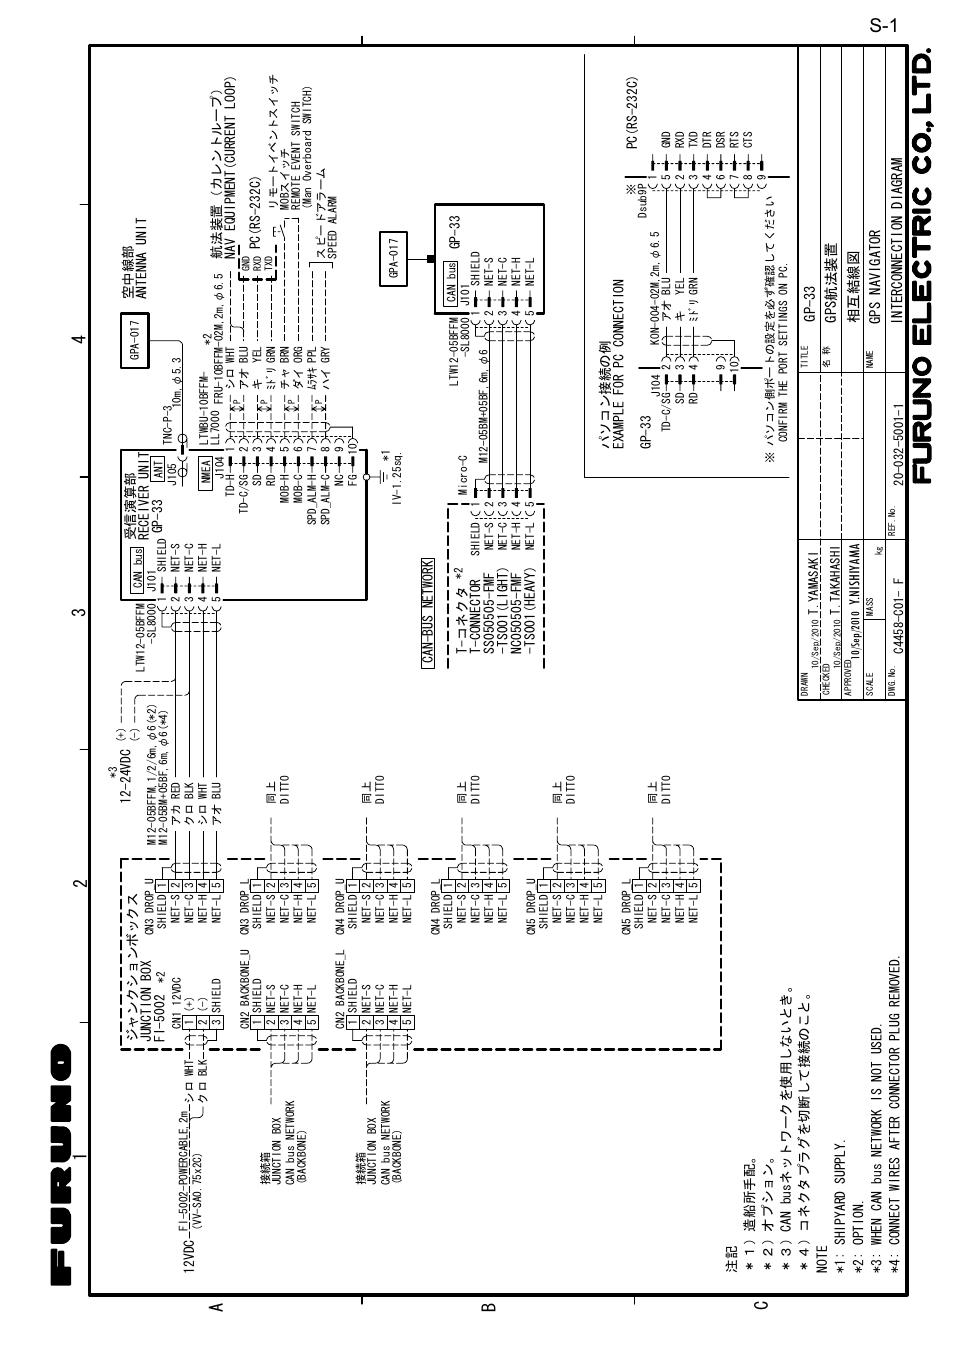 Furuno Wiring Diagram | Wiring Diagram on